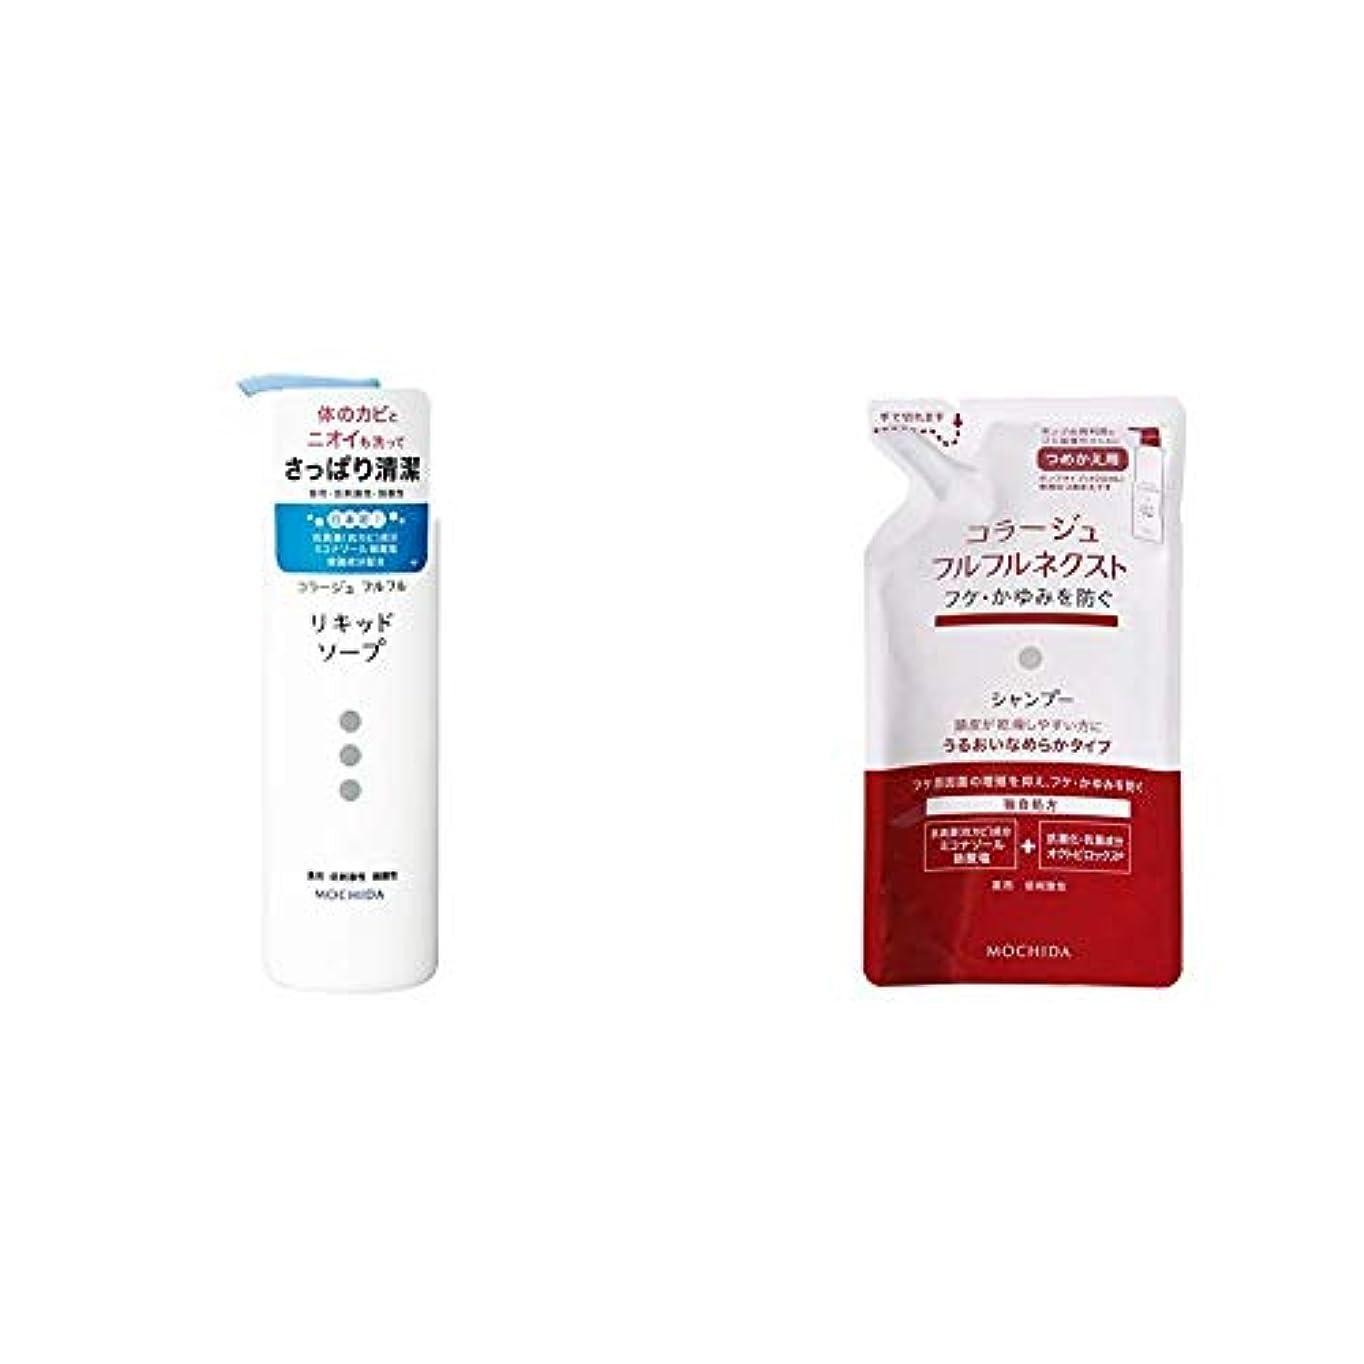 マーチャンダイジング深遠フォルダコラージュフルフル 液体石鹸 250mL (医薬部外品) & ネクストシャンプー うるおいなめらかタイプ (つめかえ用) 280mL (医薬部外品)